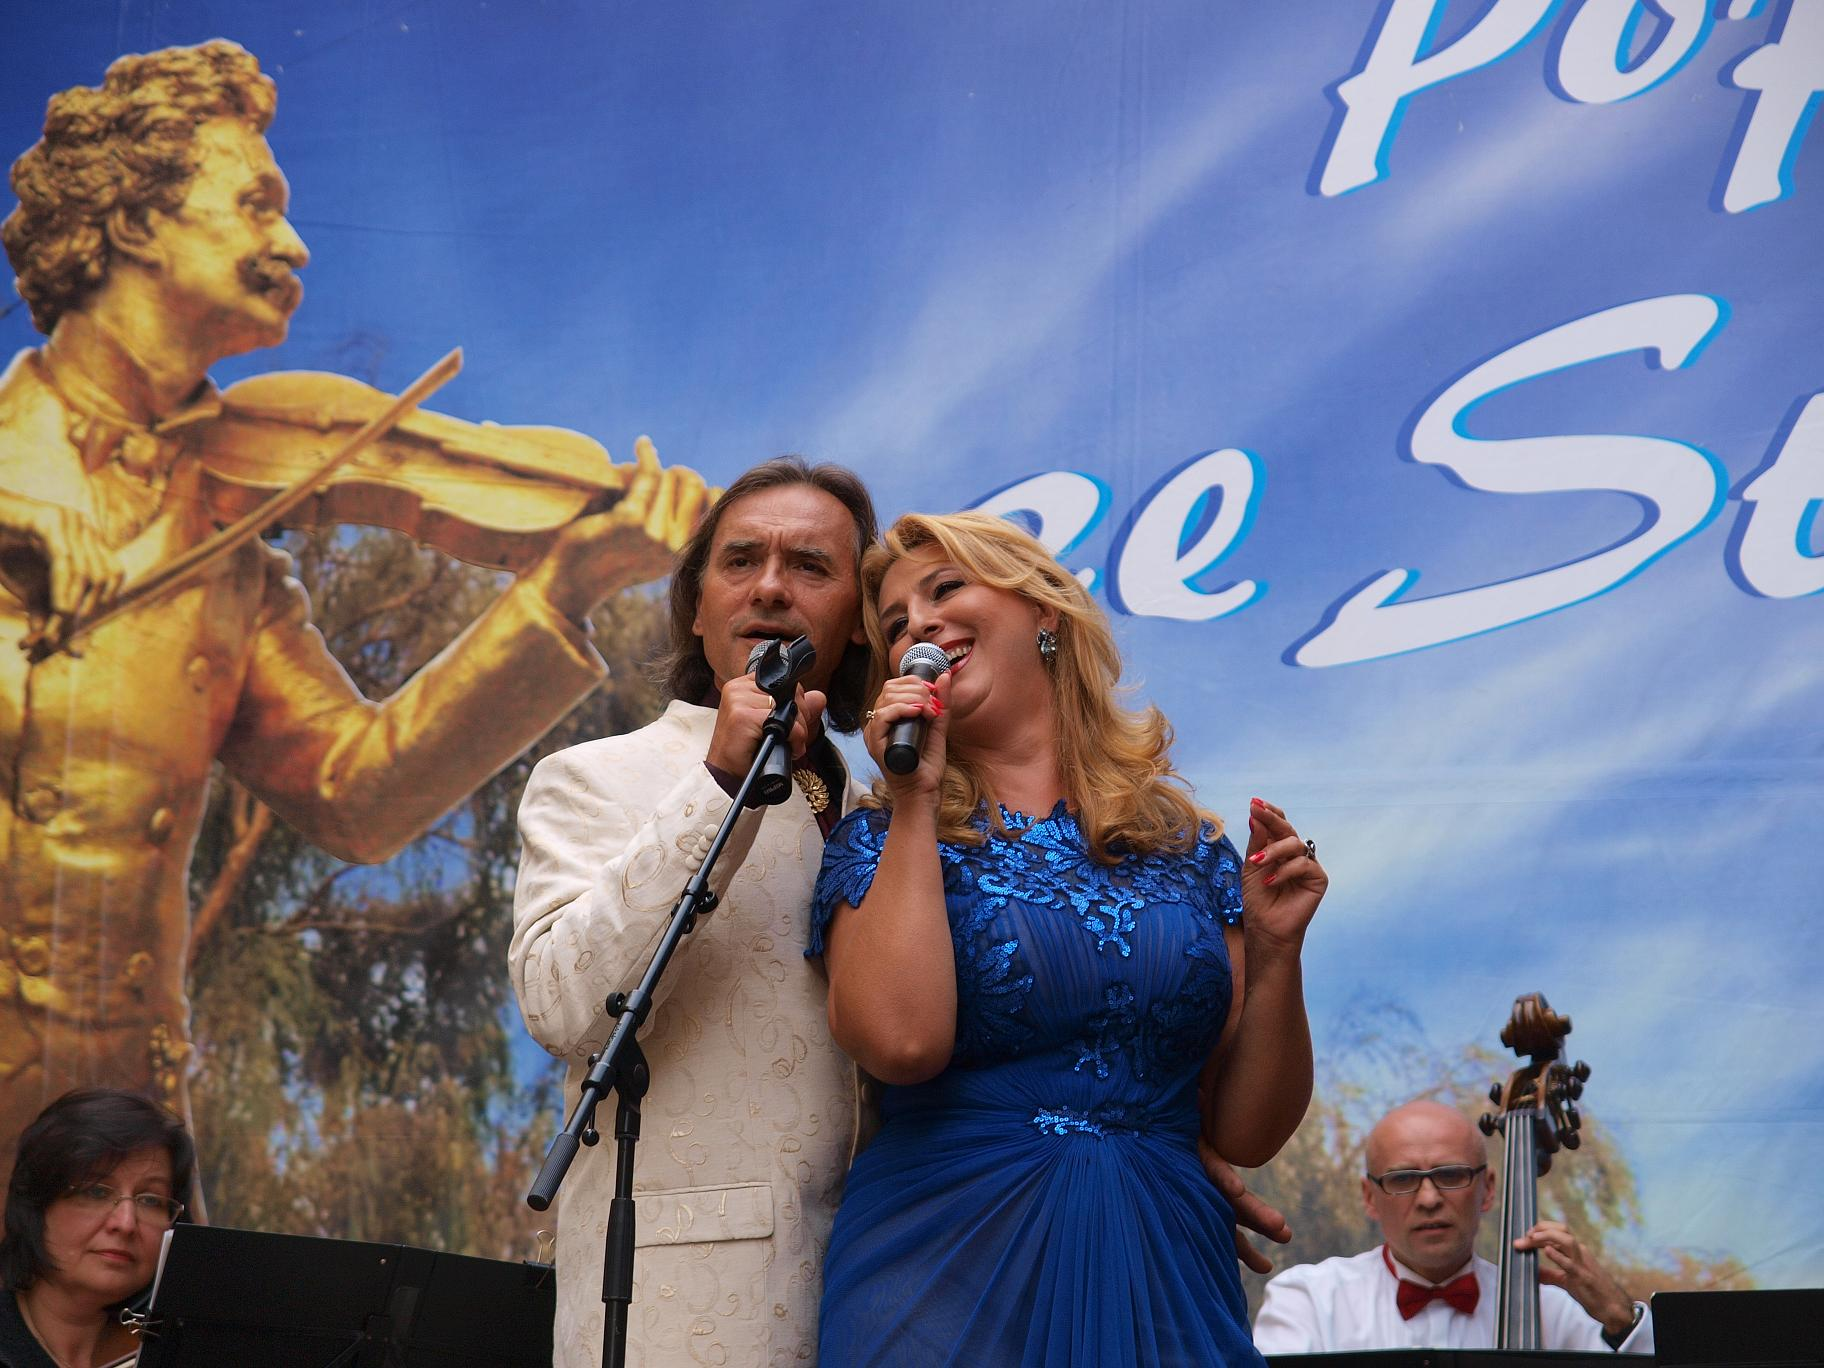 Popołudnie ze Straussem, soliści drugiego koncertu Beata Wardak i Leszek Świdziński, fot. Piotr Chwalba